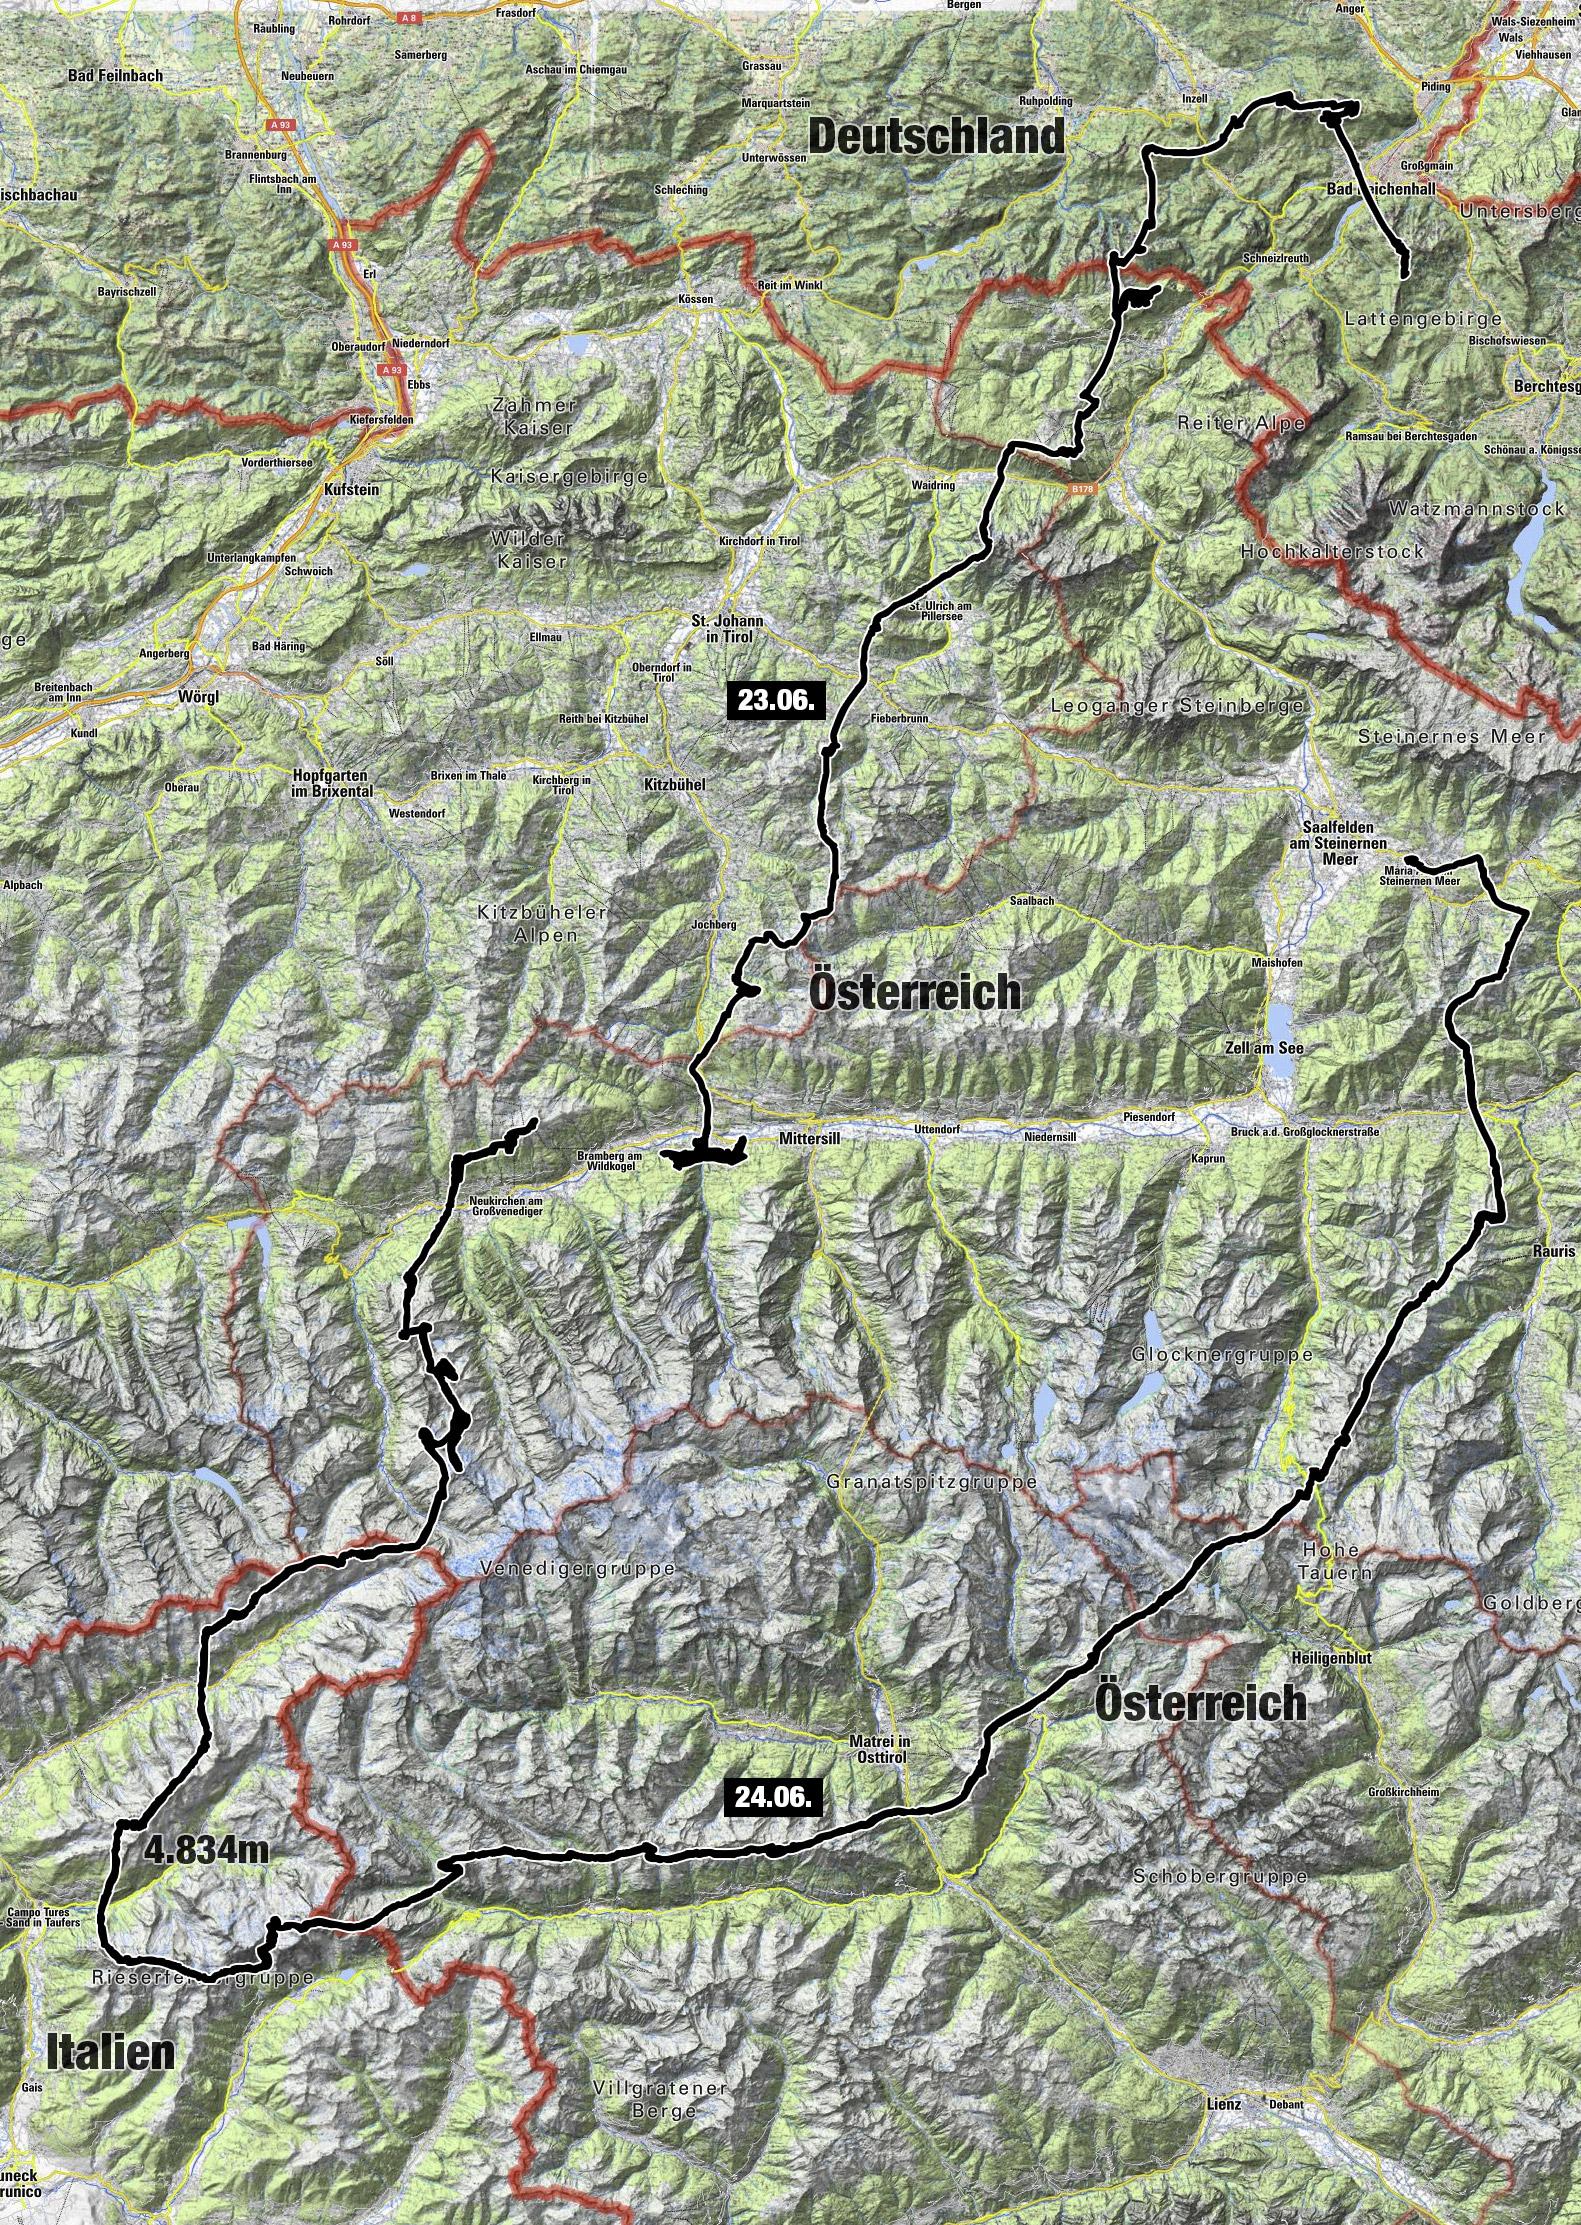 Meine Reiseroute: Bad Reichenhall - Hollersbach - Wildkogel - Sand in Taufers - Grossglockner - Maria Alm - Bad Reichenhall. Was für ein Erlebnis!